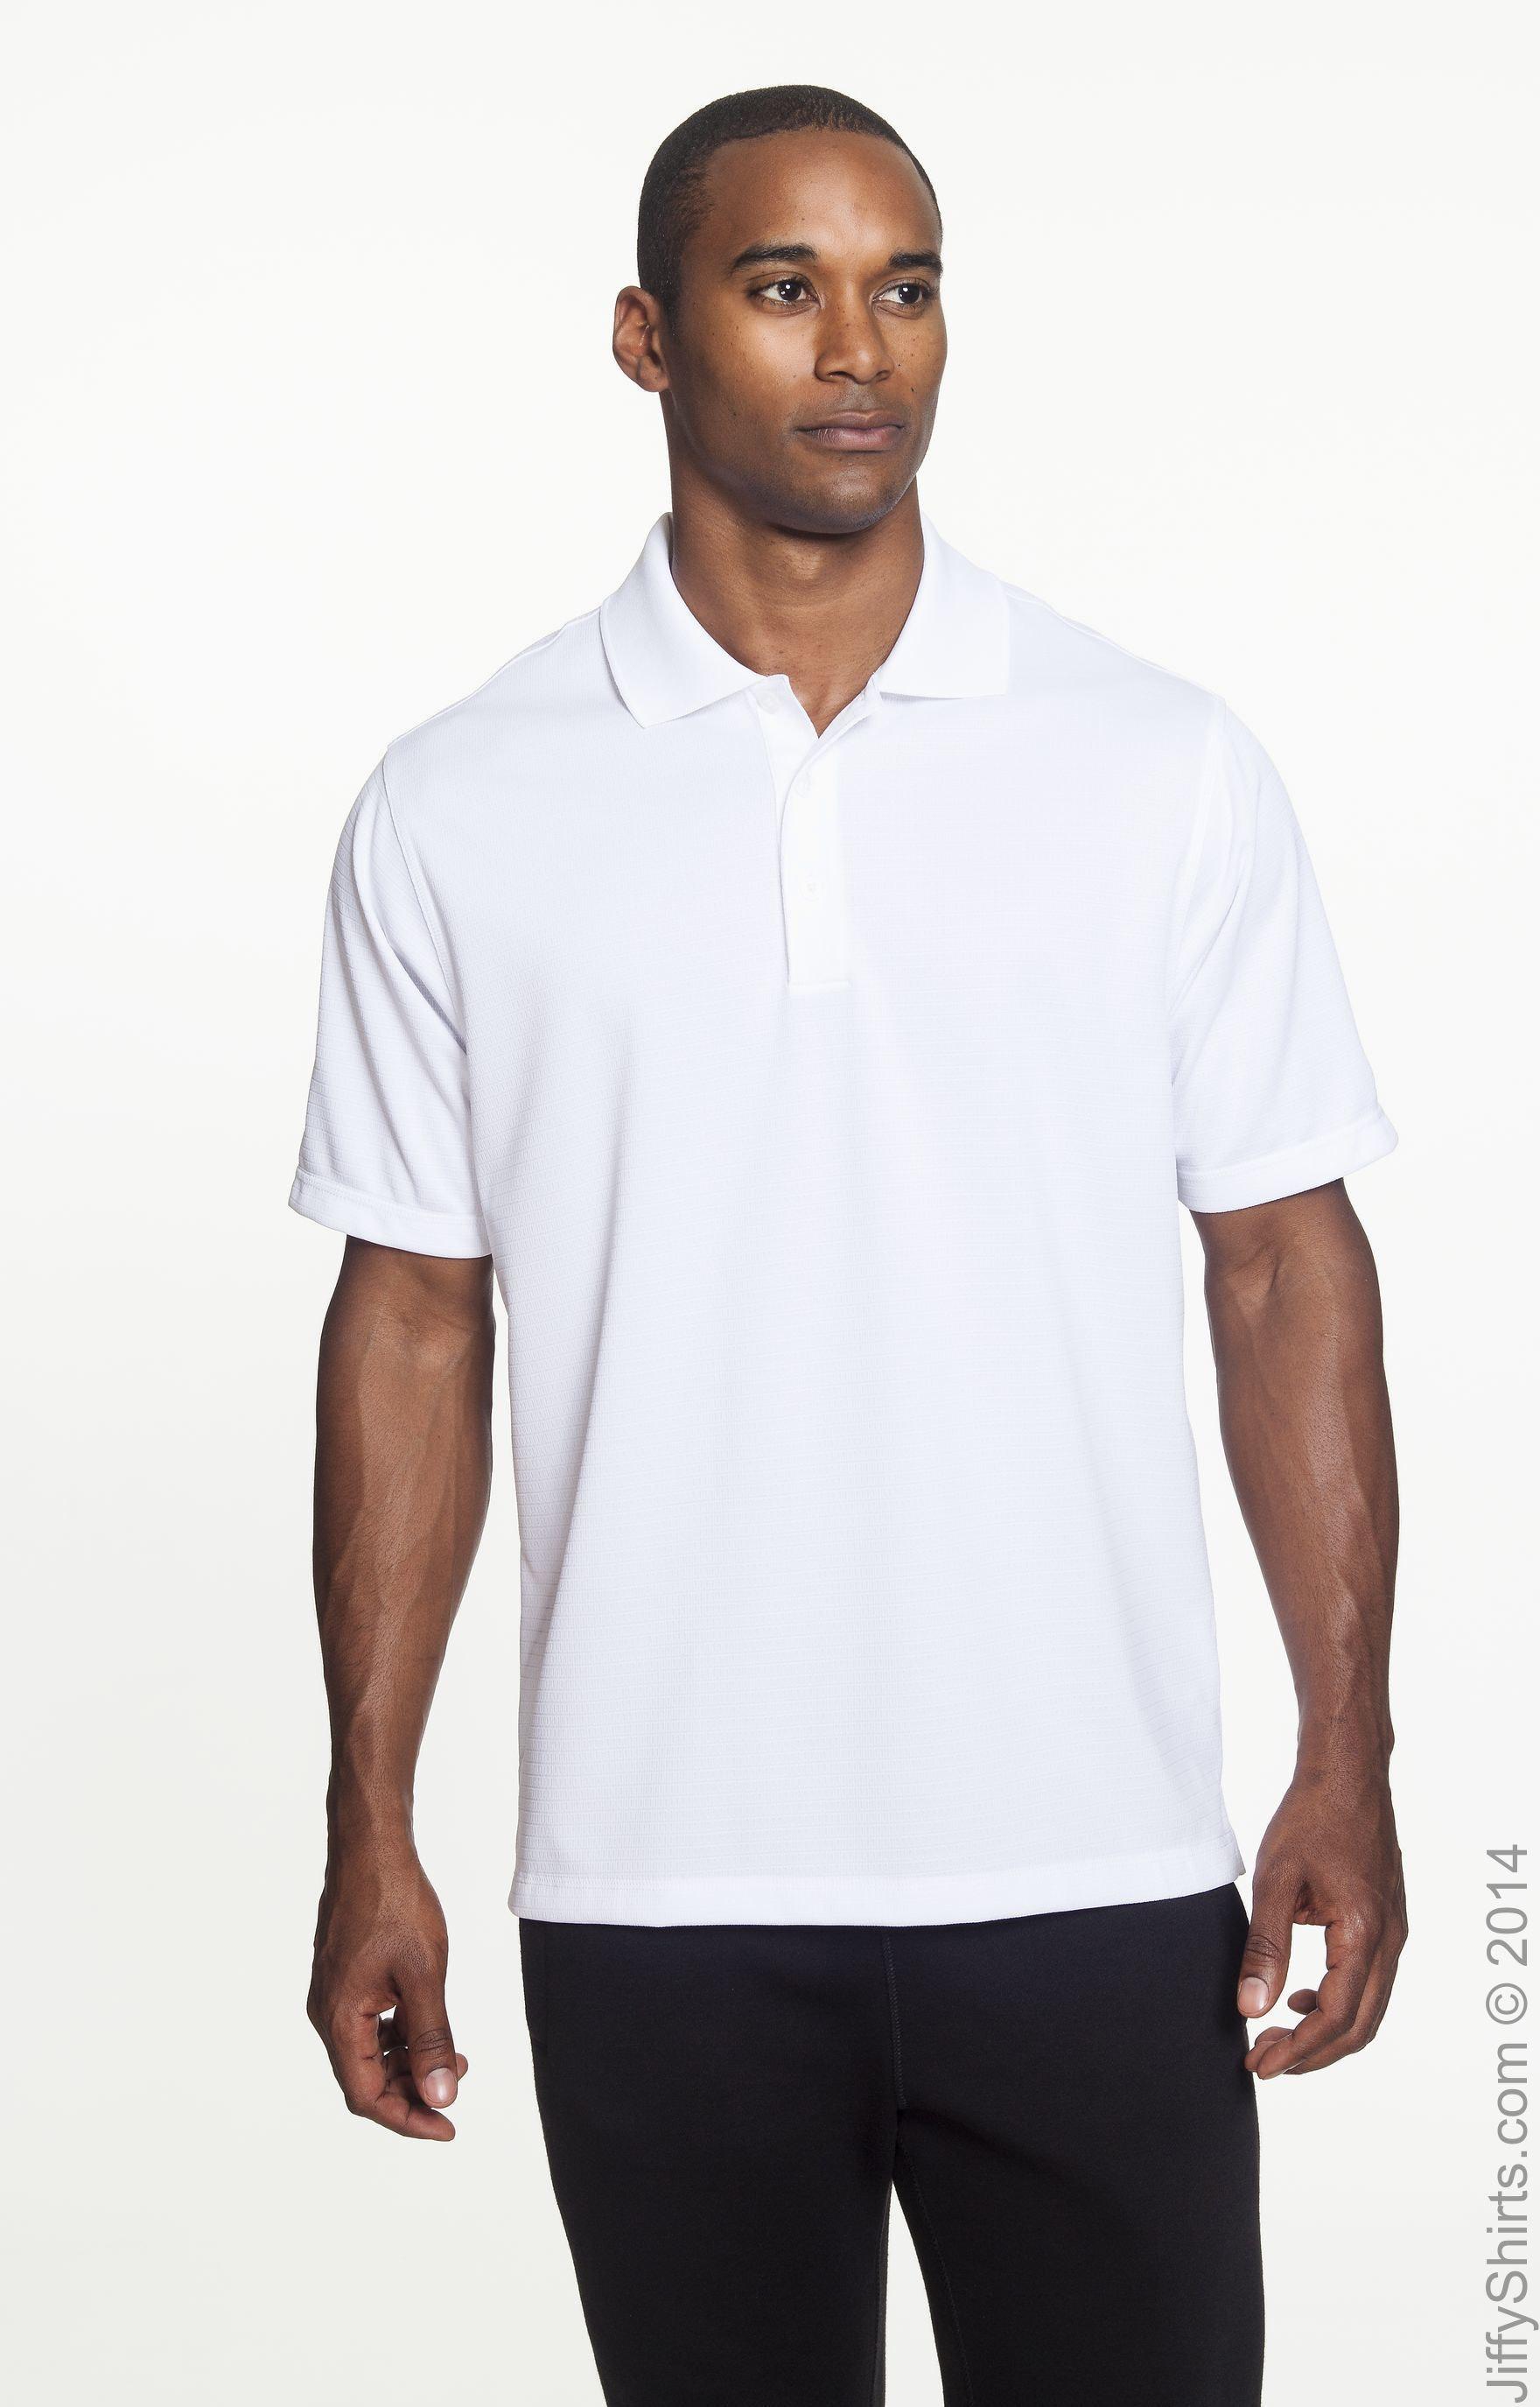 Adidas A170 White